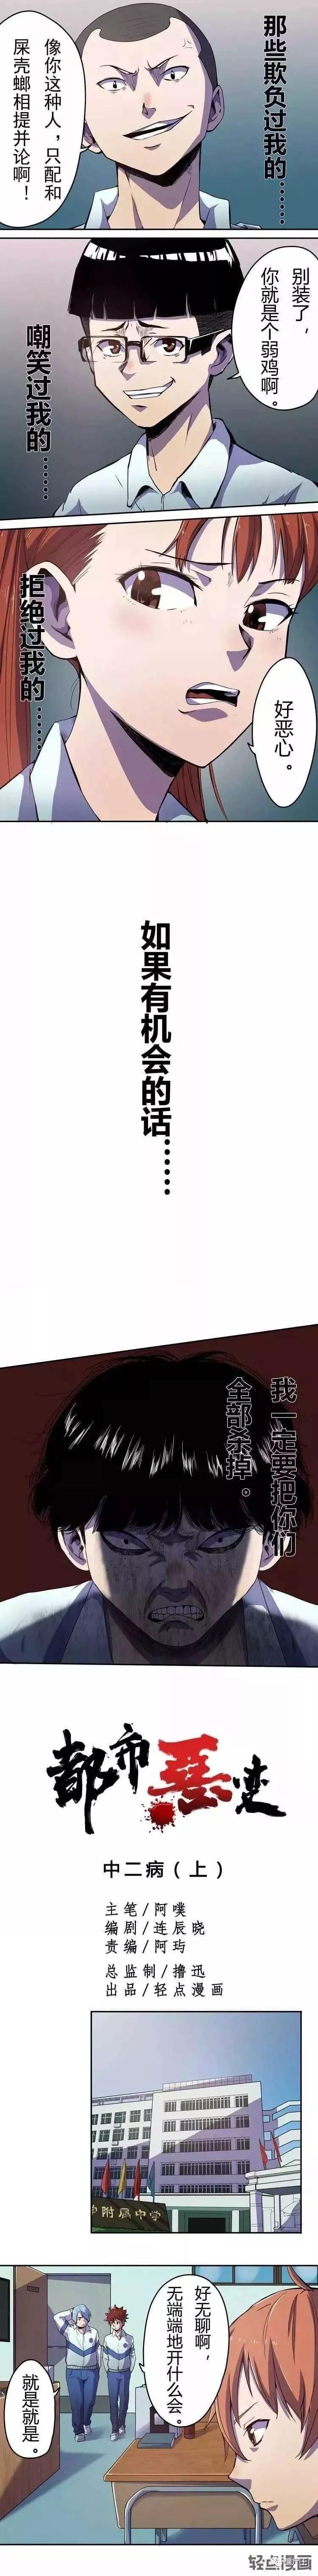 恐怖漫画:都市恶变之疯狂中二病毒、直男癌晚期-僵尸王